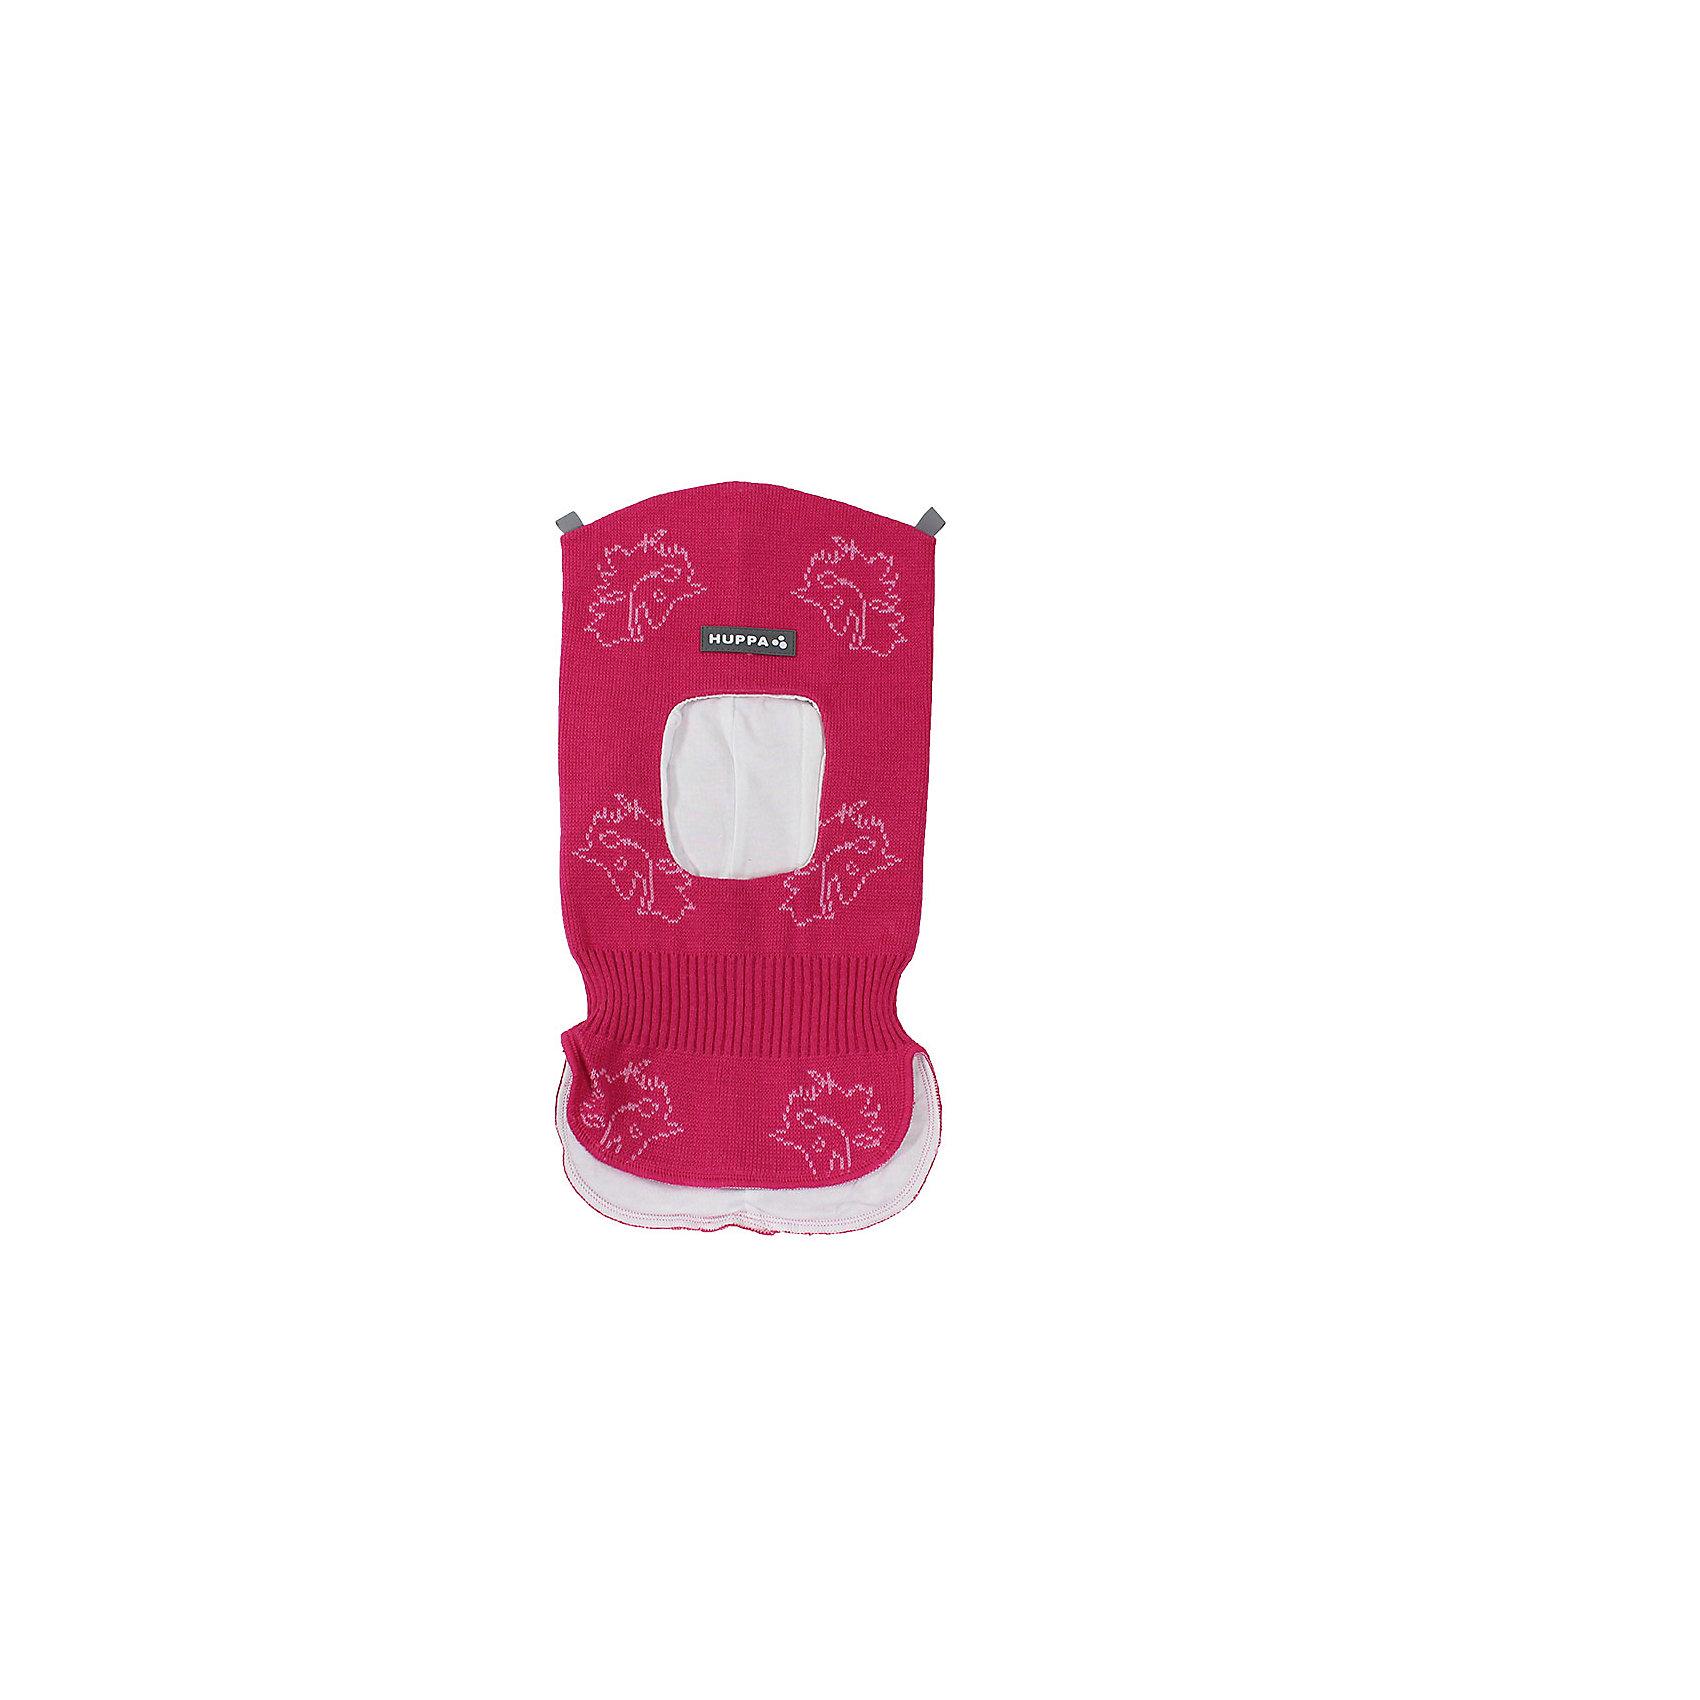 Шапка-шлем SELAH для девочки HuppaГоловные уборы<br>Характеристики товара:<br><br>• цвет: фуксия принт<br>• состав: 50% хлопок, 50% акрил<br>• подкладка: трикотаж - 100% хлопок<br>• температурный режим: от -5°С до +10°С<br>• демисезонная<br>• мягкая резинка на шее<br>• логотип<br>• комфортная посадка<br>• мягкий материал<br>• страна бренда: Эстония<br><br>Эта шапка обеспечит детям тепло и комфорт. Она сделана из приятного на ощупь мягкого материала. Шапка очень симпатично смотрится, а дизайн и расцветка позволяют сочетать её с различной одеждой. Модель была разработана специально для детей.<br><br>Одежда и обувь от популярного эстонского бренда Huppa - отличный вариант одеть ребенка можно и комфортно. Вещи, выпускаемые компанией, качественные, продуманные и очень удобные. Для производства изделий используются только безопасные для детей материалы. Продукция от Huppa порадует и детей, и их родителей!<br><br>Шапку-шлем SELAH от бренда Huppa (Хуппа) можно купить в нашем интернет-магазине.<br><br>Ширина мм: 89<br>Глубина мм: 117<br>Высота мм: 44<br>Вес г: 155<br>Цвет: фиолетовый<br>Возраст от месяцев: 6<br>Возраст до месяцев: 12<br>Пол: Женский<br>Возраст: Детский<br>Размер: 43-45,51-53,47-49<br>SKU: 5347633